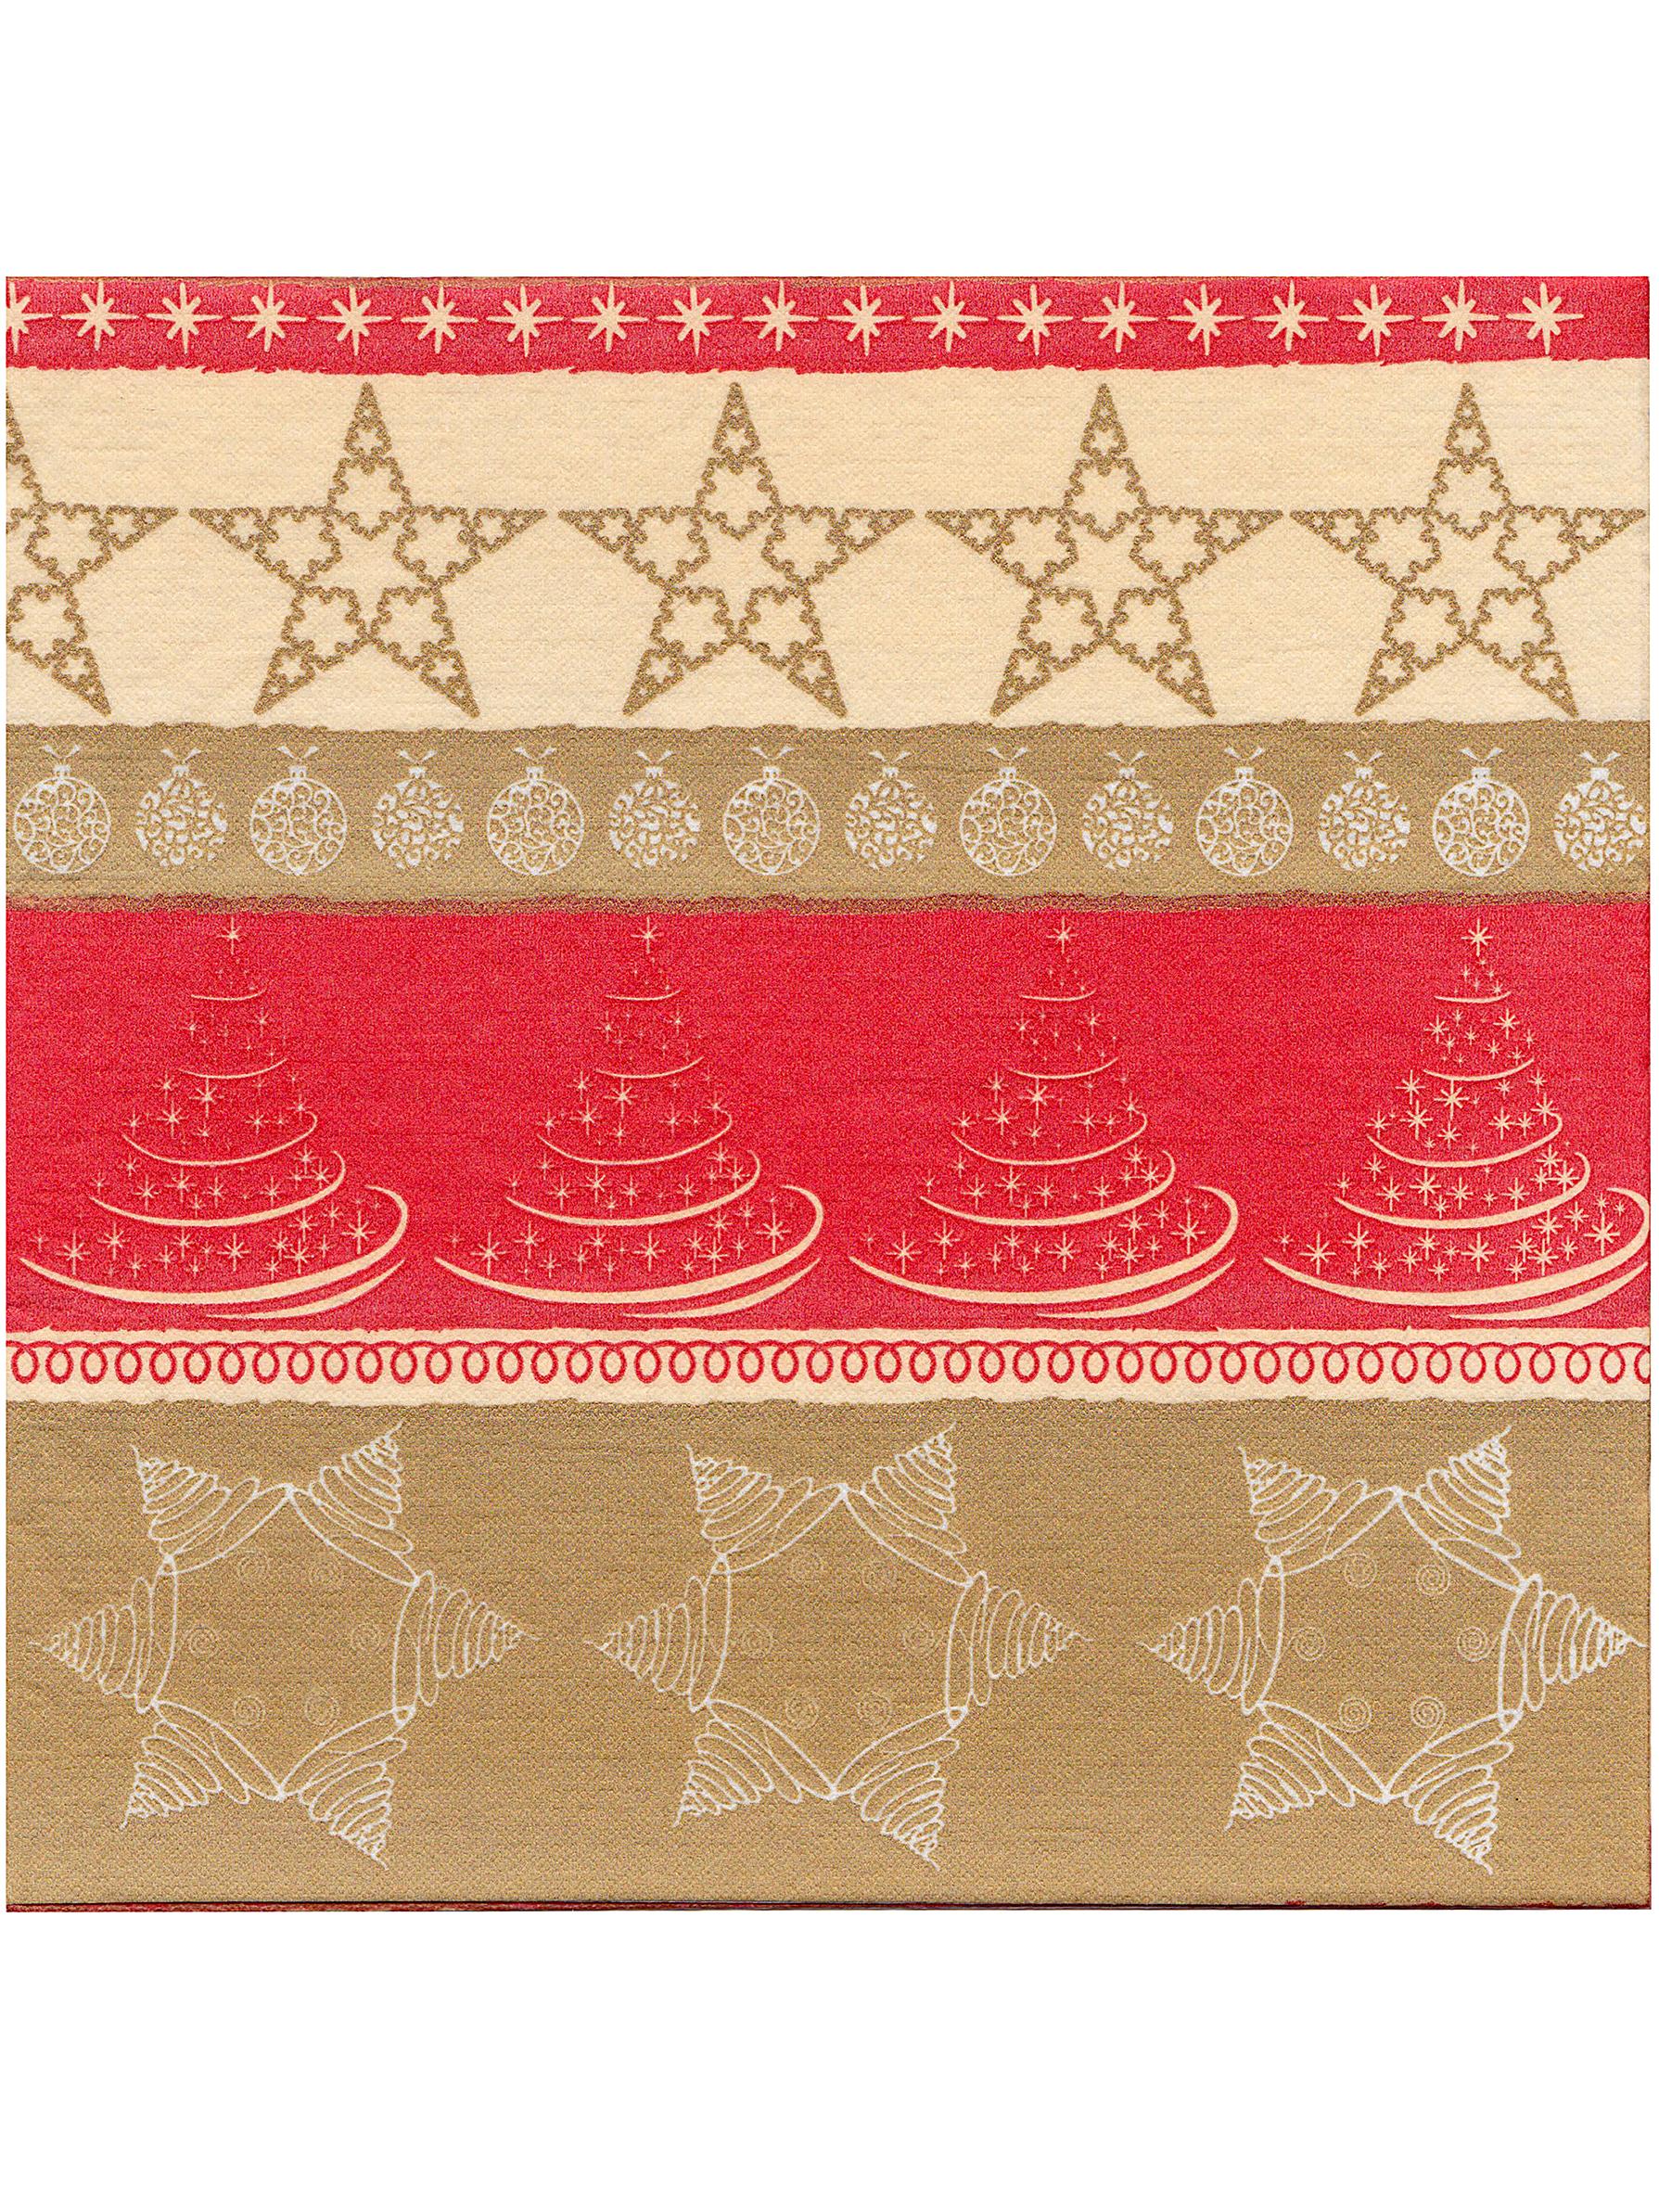 12 serviettes no l papier intiss premium rouge et dor 40 x 40 cm deguise toi achat de. Black Bedroom Furniture Sets. Home Design Ideas